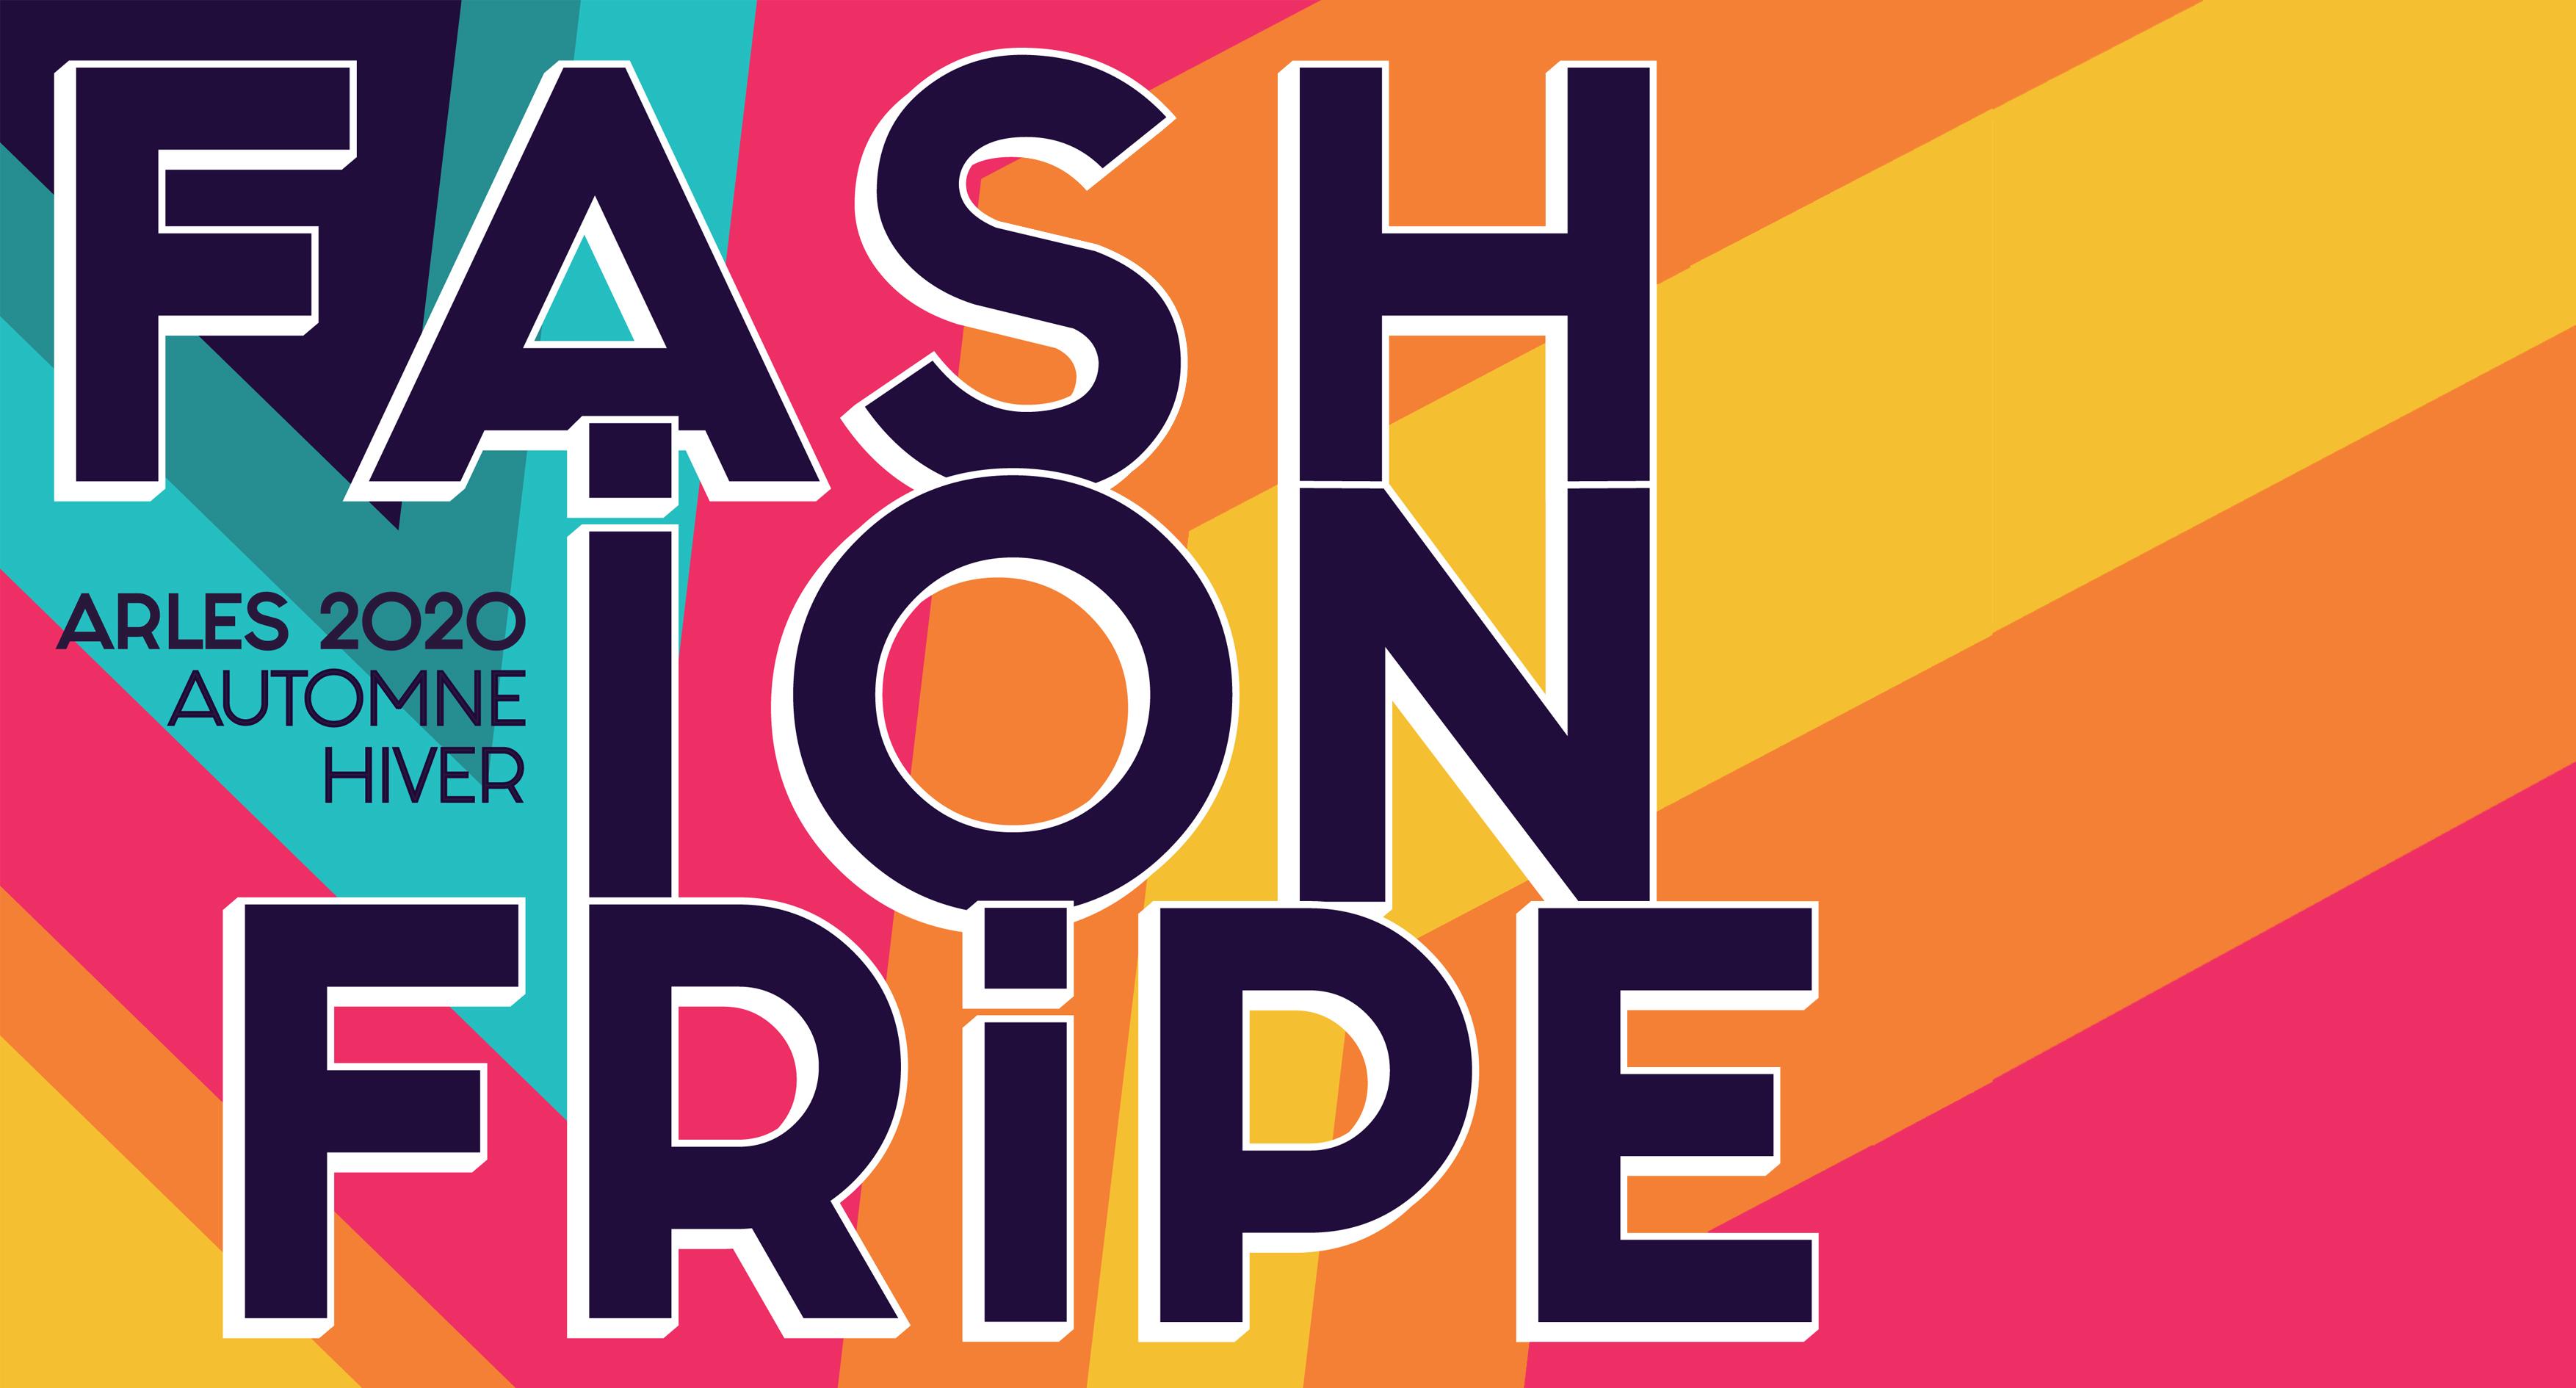 Participez à la première édition de la Fashion Fripe arlésienne, un événement destiné à promouvoir le réemploi dans la filière textile !